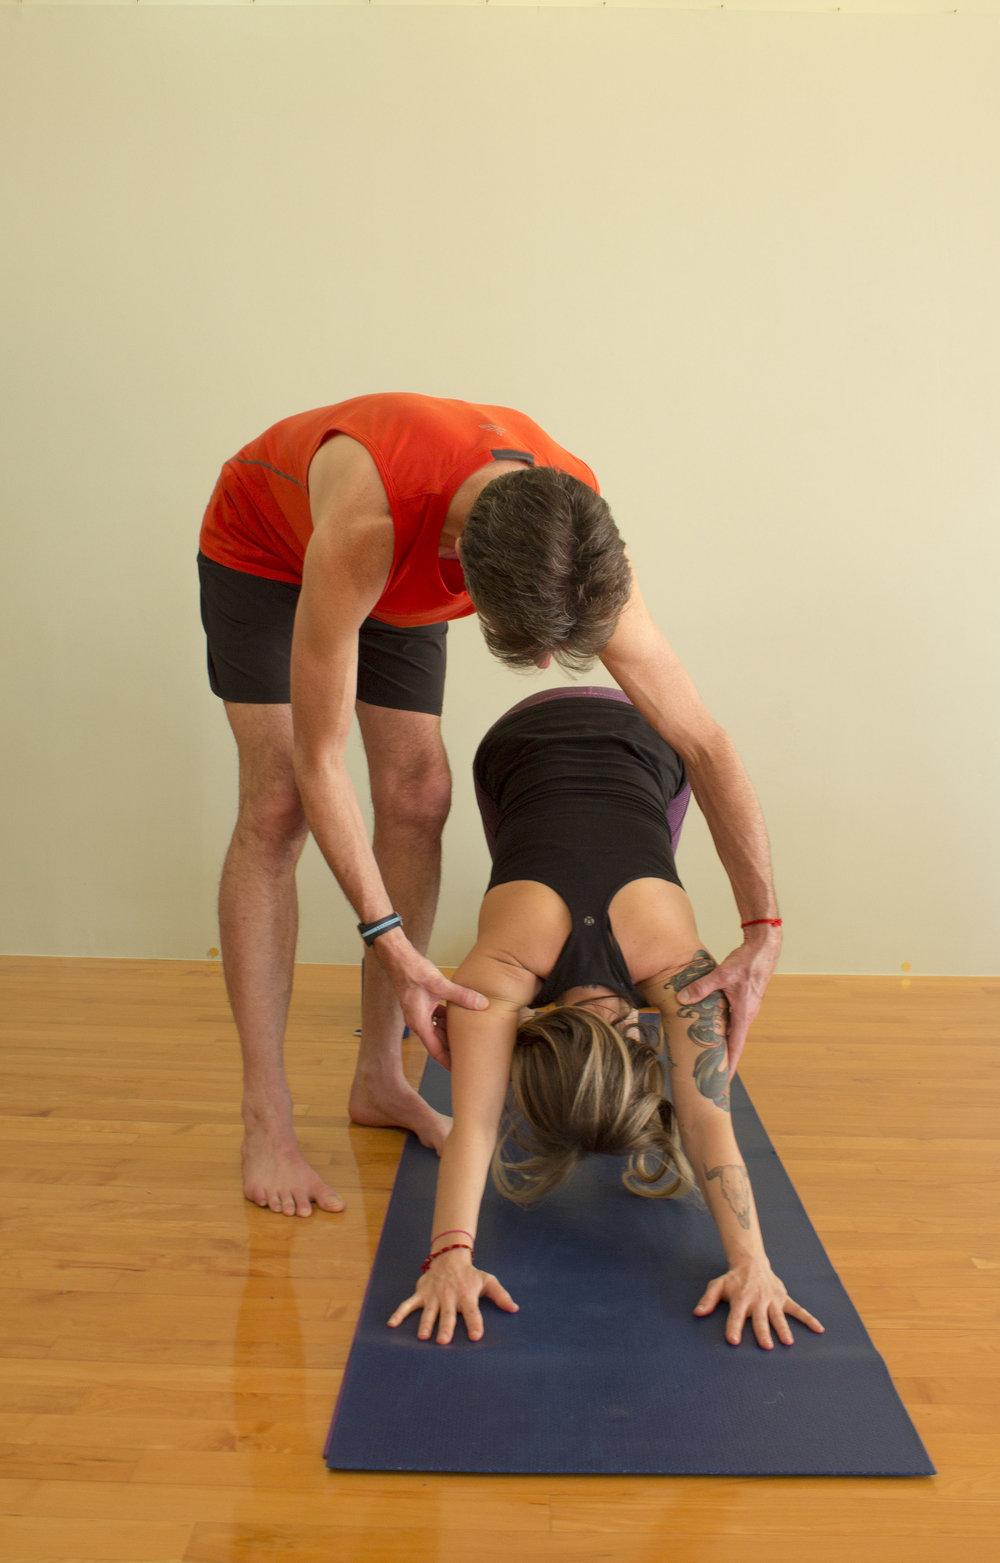 MSYC-Yoga-Asana-IMG_2374.jpg